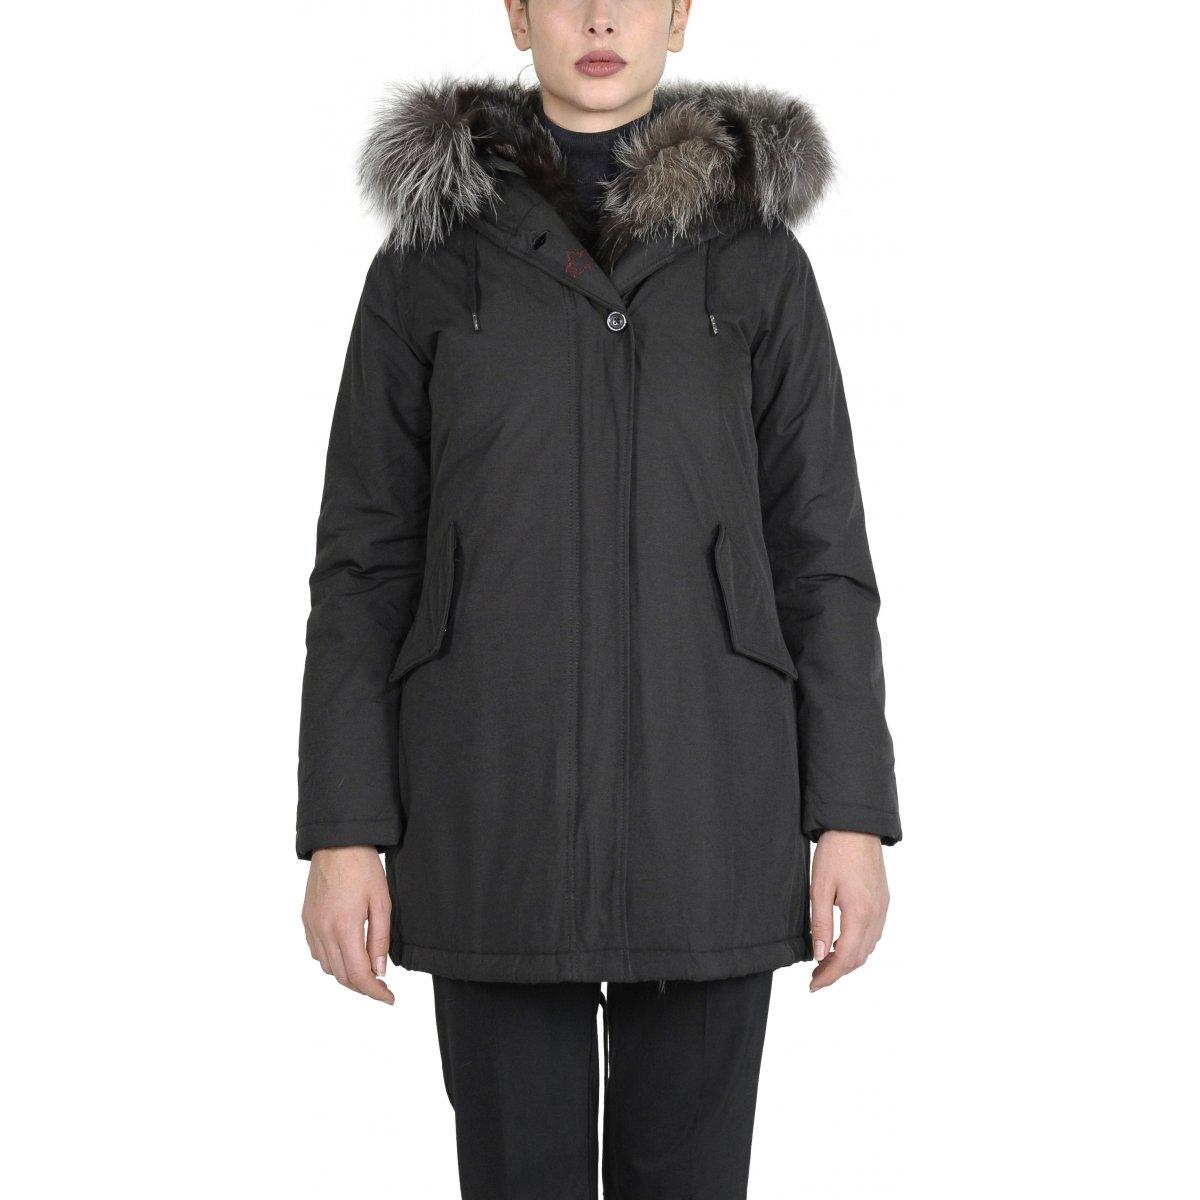 migliori scarpe da ginnastica aa208 b3207 Giacca Donna Sonora Real Fur Limited Edition - Eskimo ...